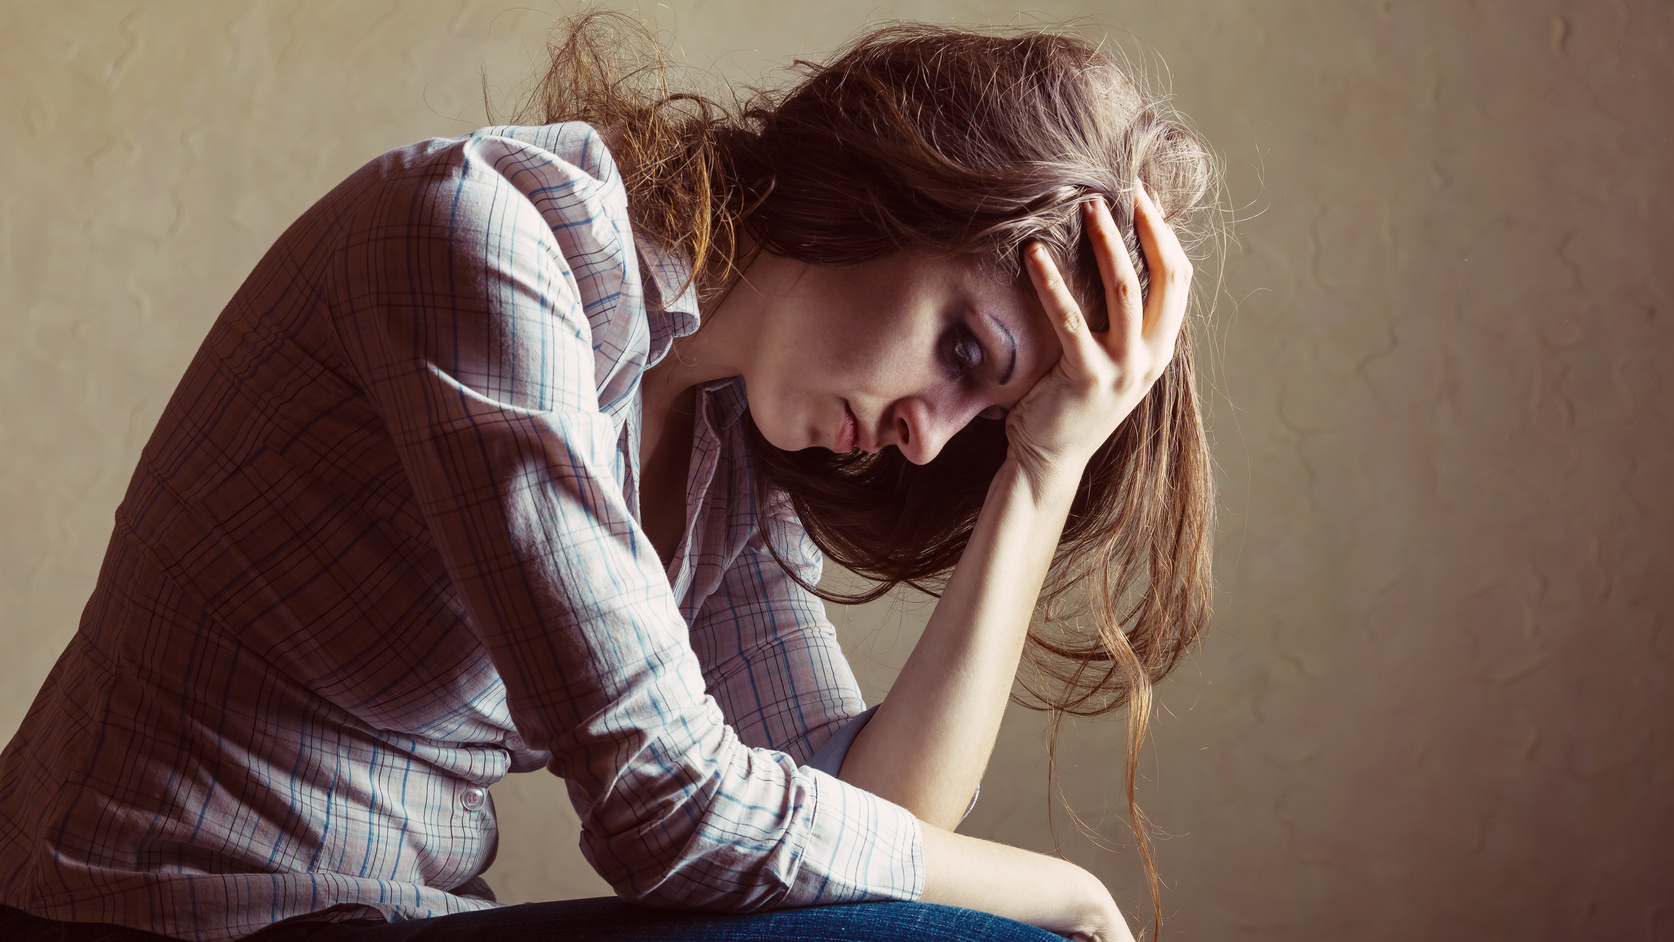 Stitichezza e depressione, spesso sono collegate